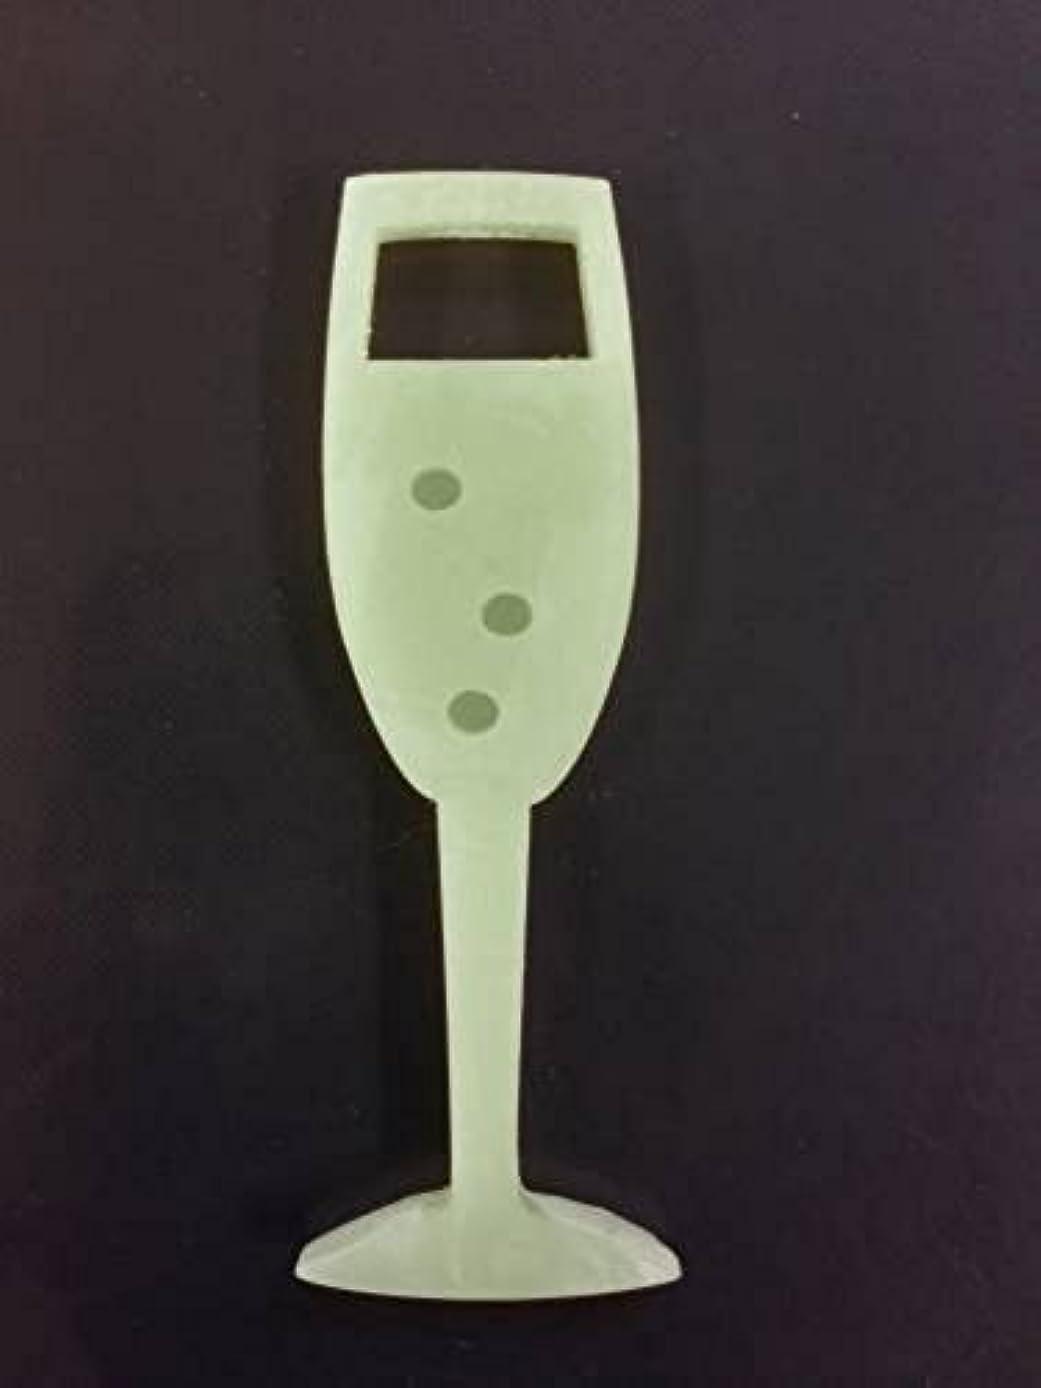 フィットネスコンチネンタルバングラデシュGRASSE TOKYO AROMATICWAXチャーム「シャンパングラス」(GR) レモングラス アロマティックワックス グラーストウキョウ